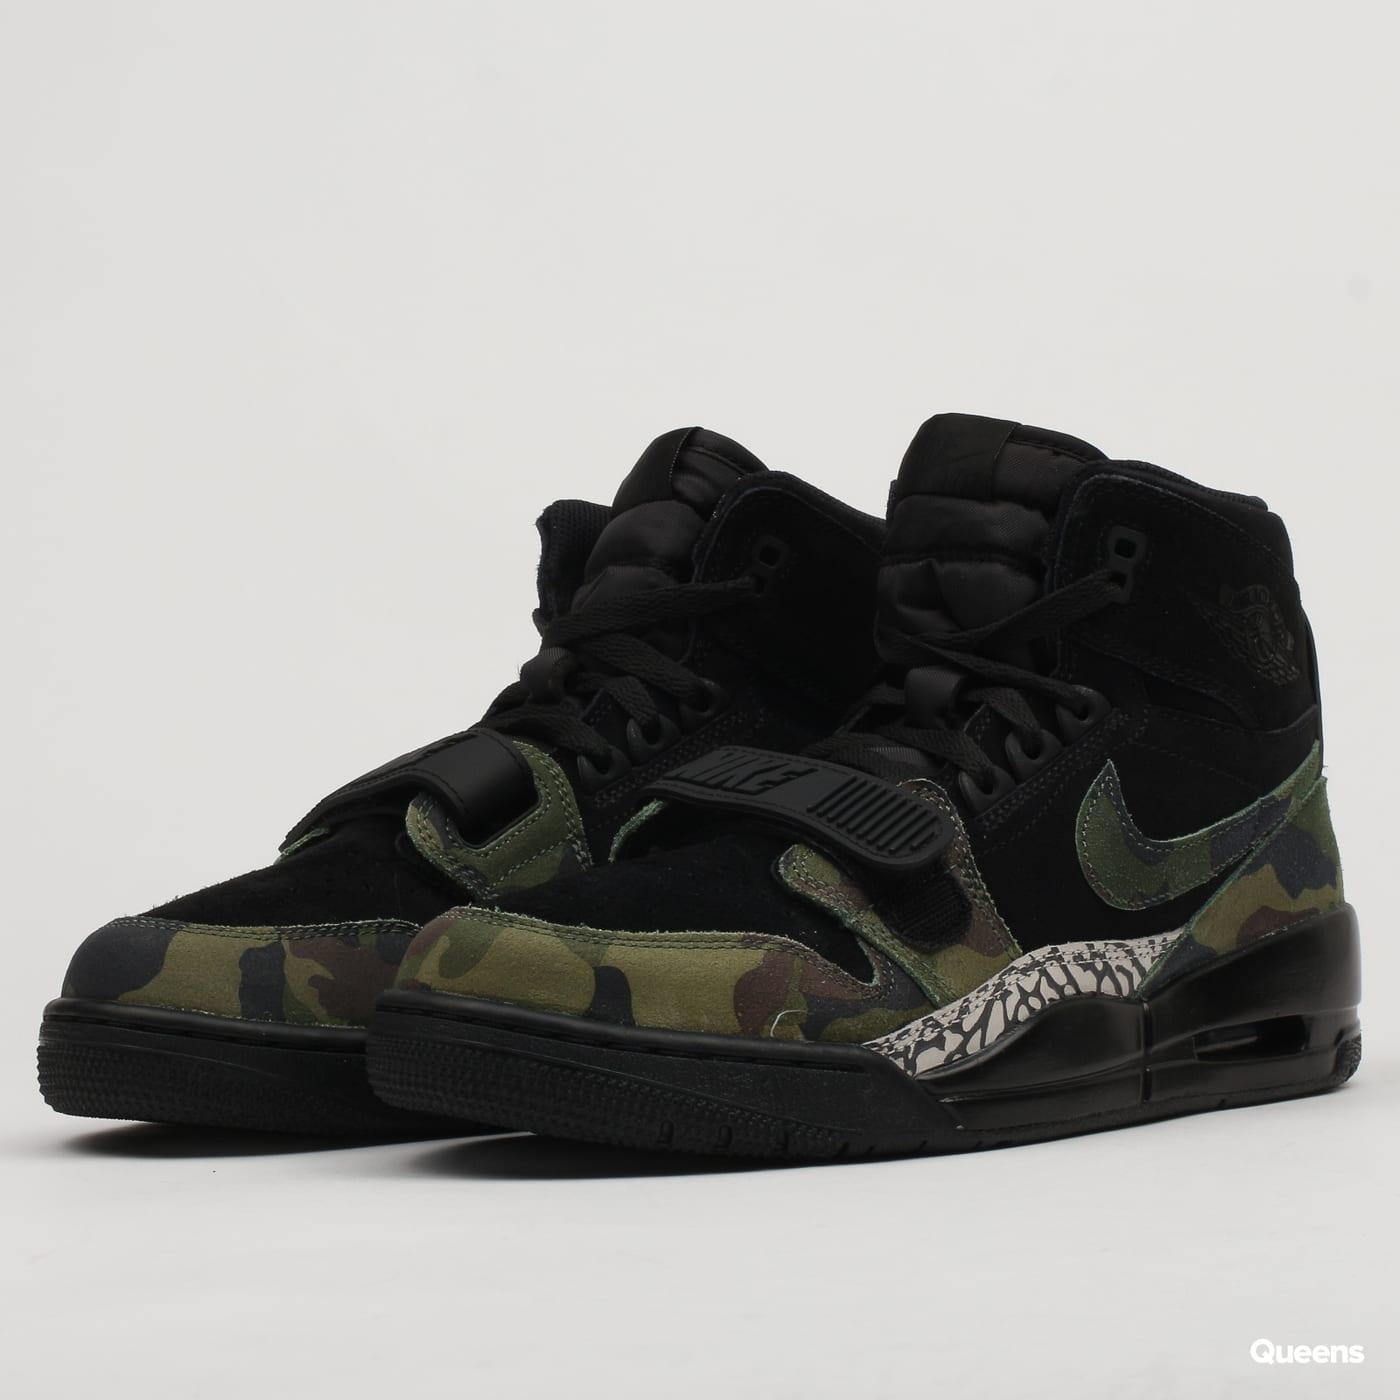 sale retailer 7b852 d2a5e Schuhe Jordan Air Jordan Legacy 312 (AV3922-003)– Queens 💚